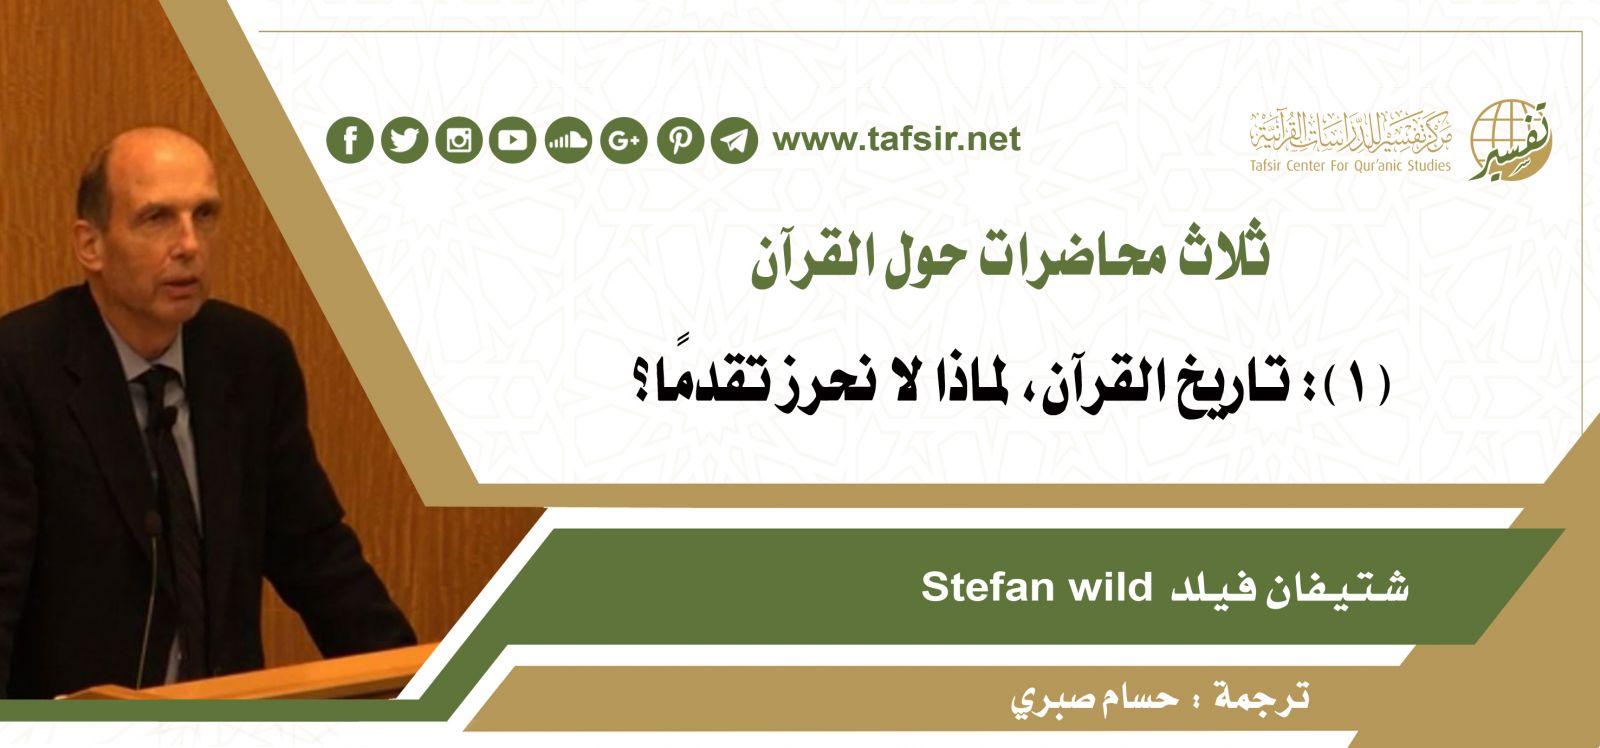 ثلاث محاضرات حول القرآن؛ المحاضرة الأولى: تاريخ القرآن، لماذا لا نحرز تقدمًا؟